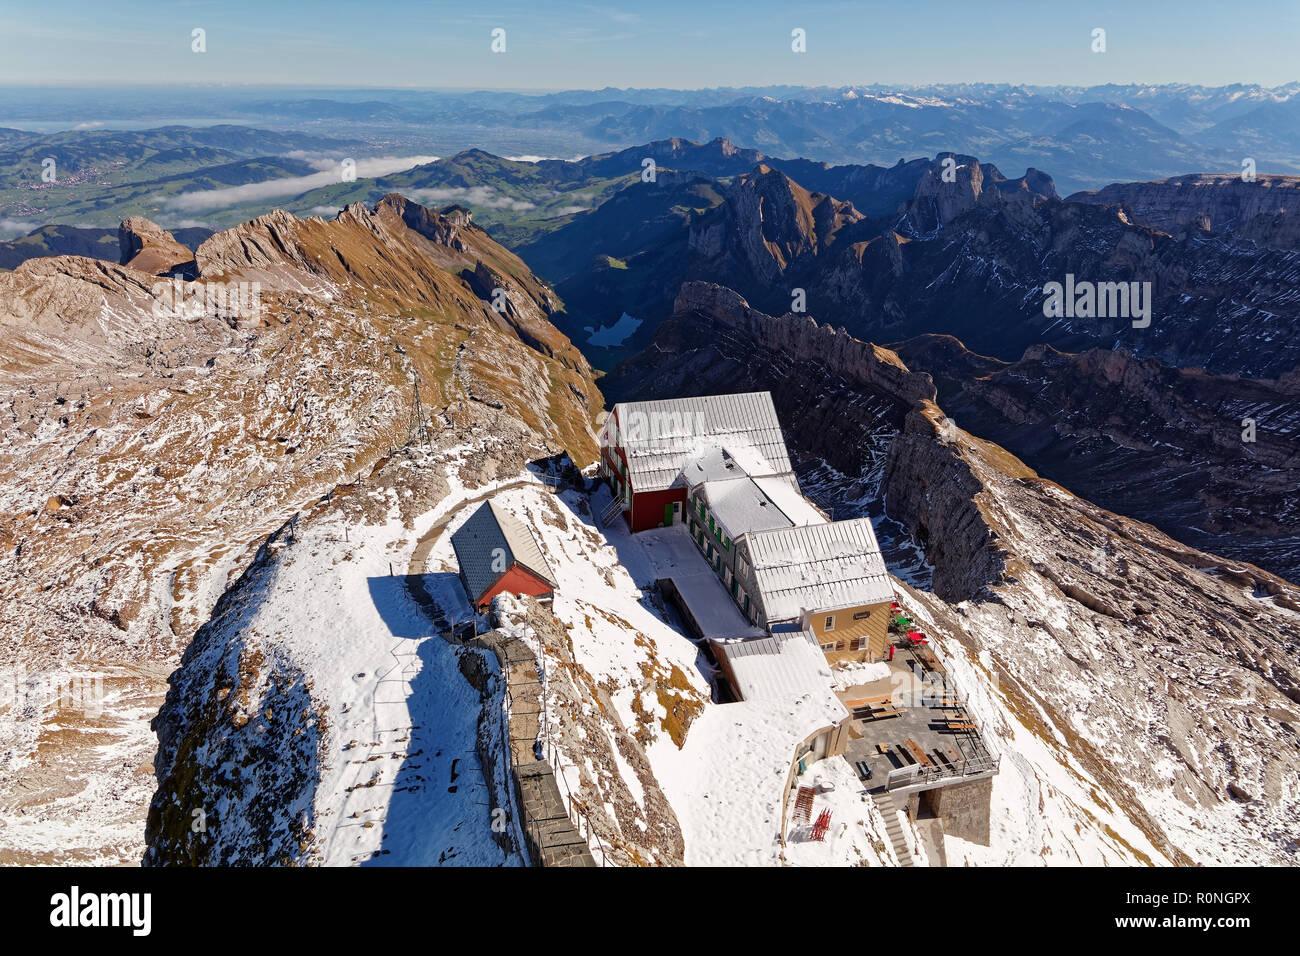 Sonnig, erster Schnee, Blick vom Säntis/Säntis in Richtung Alt Säntis Restaurant (Berggasthaus Alter Säntis), Alpstein, Appenzell, Schweiz Stockbild